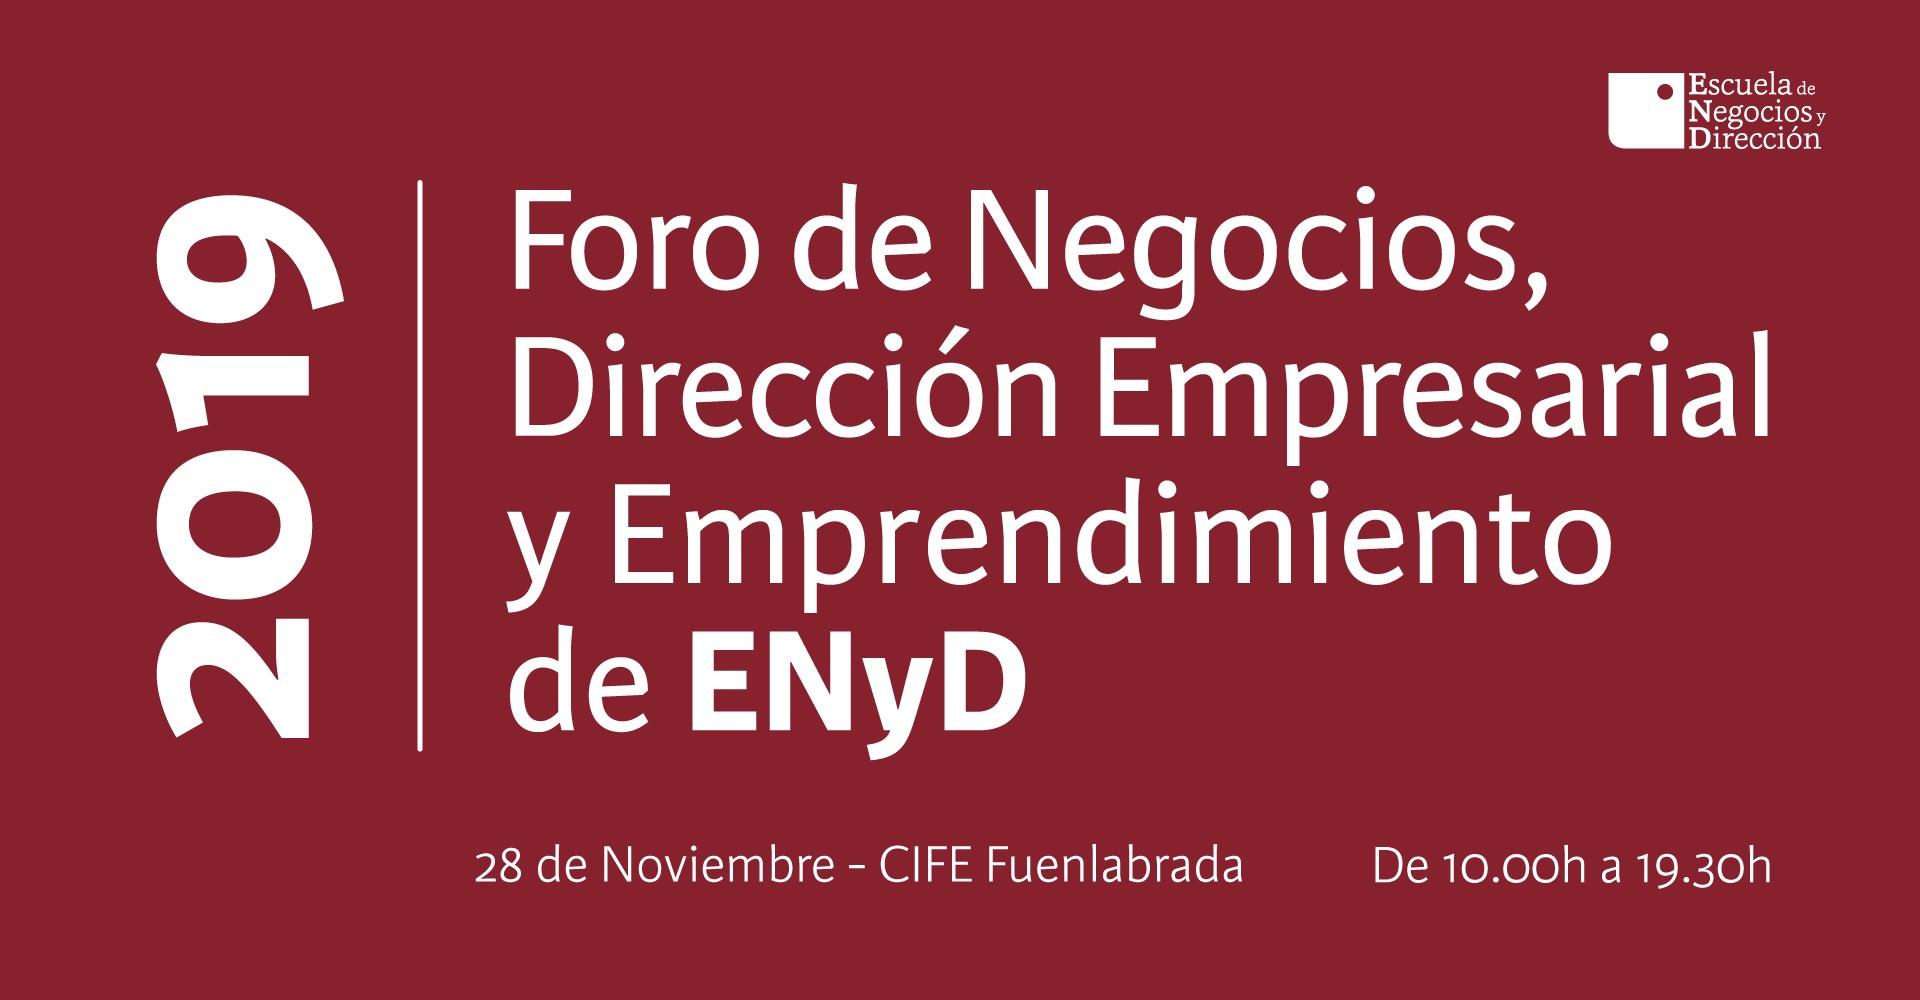 Evento de emprendimiento de ENyD